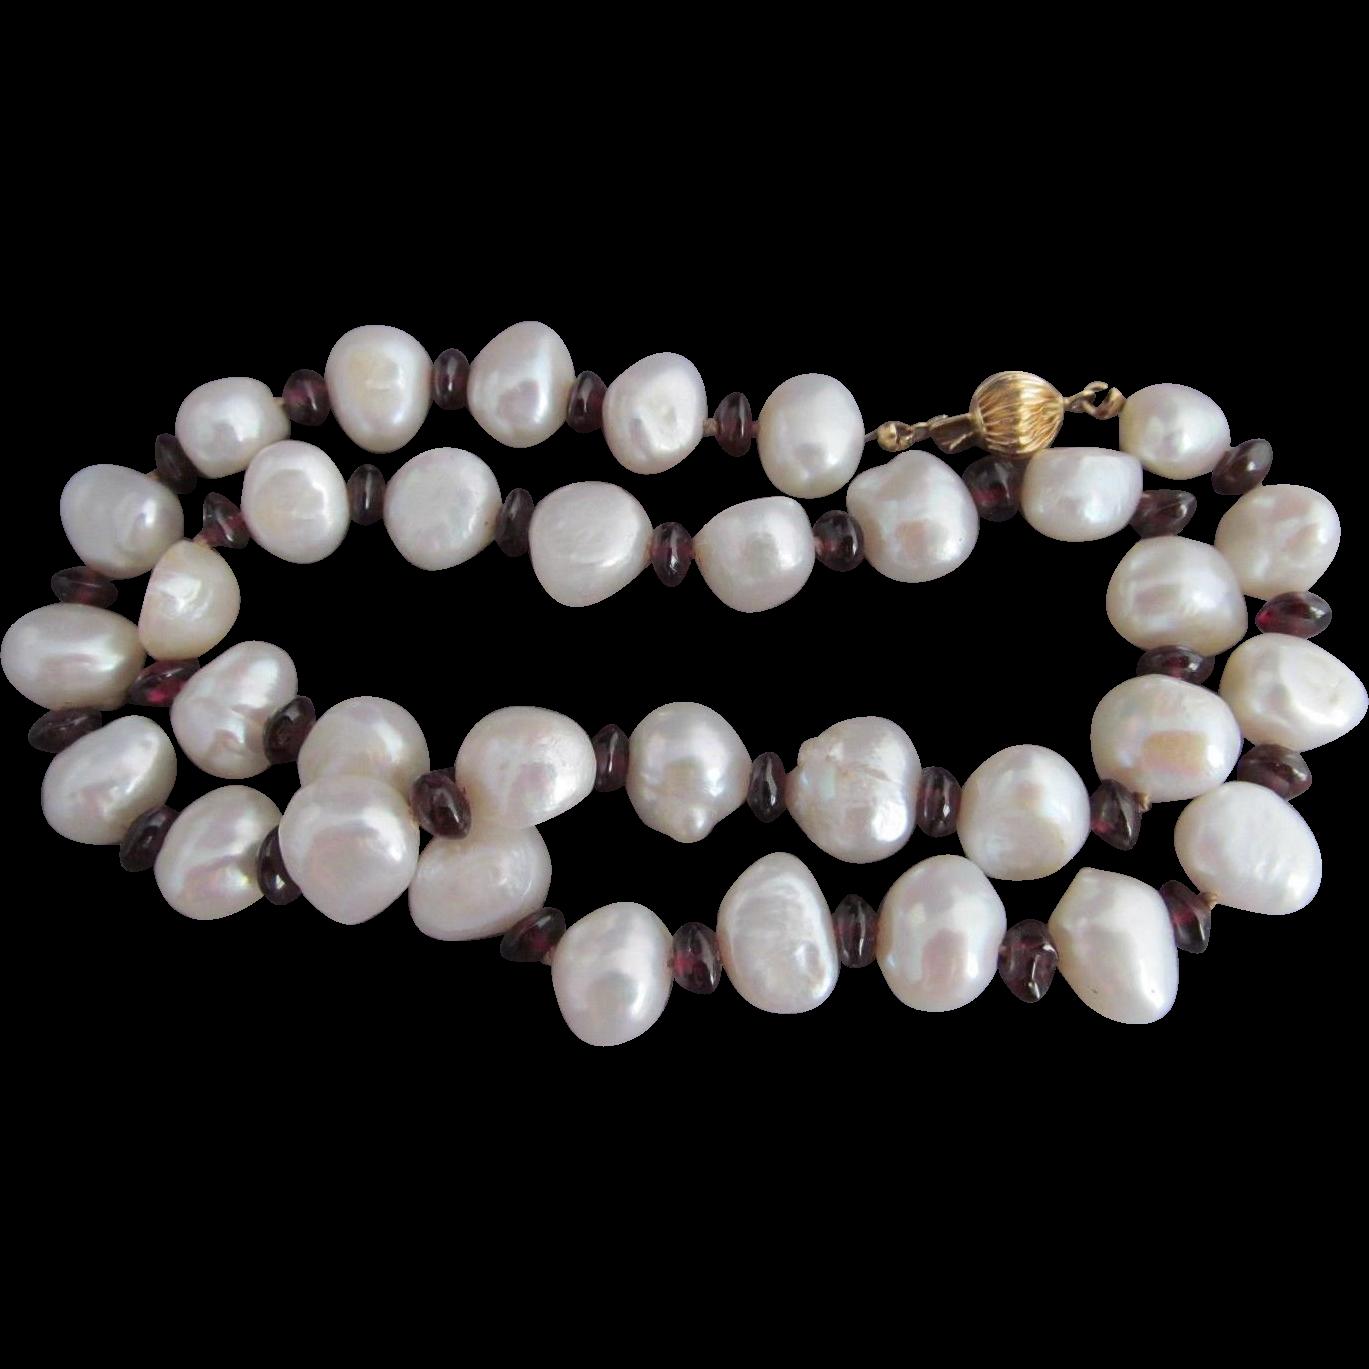 50% OFF 14k Garnet BAROQUE Pearl Bead Necklace